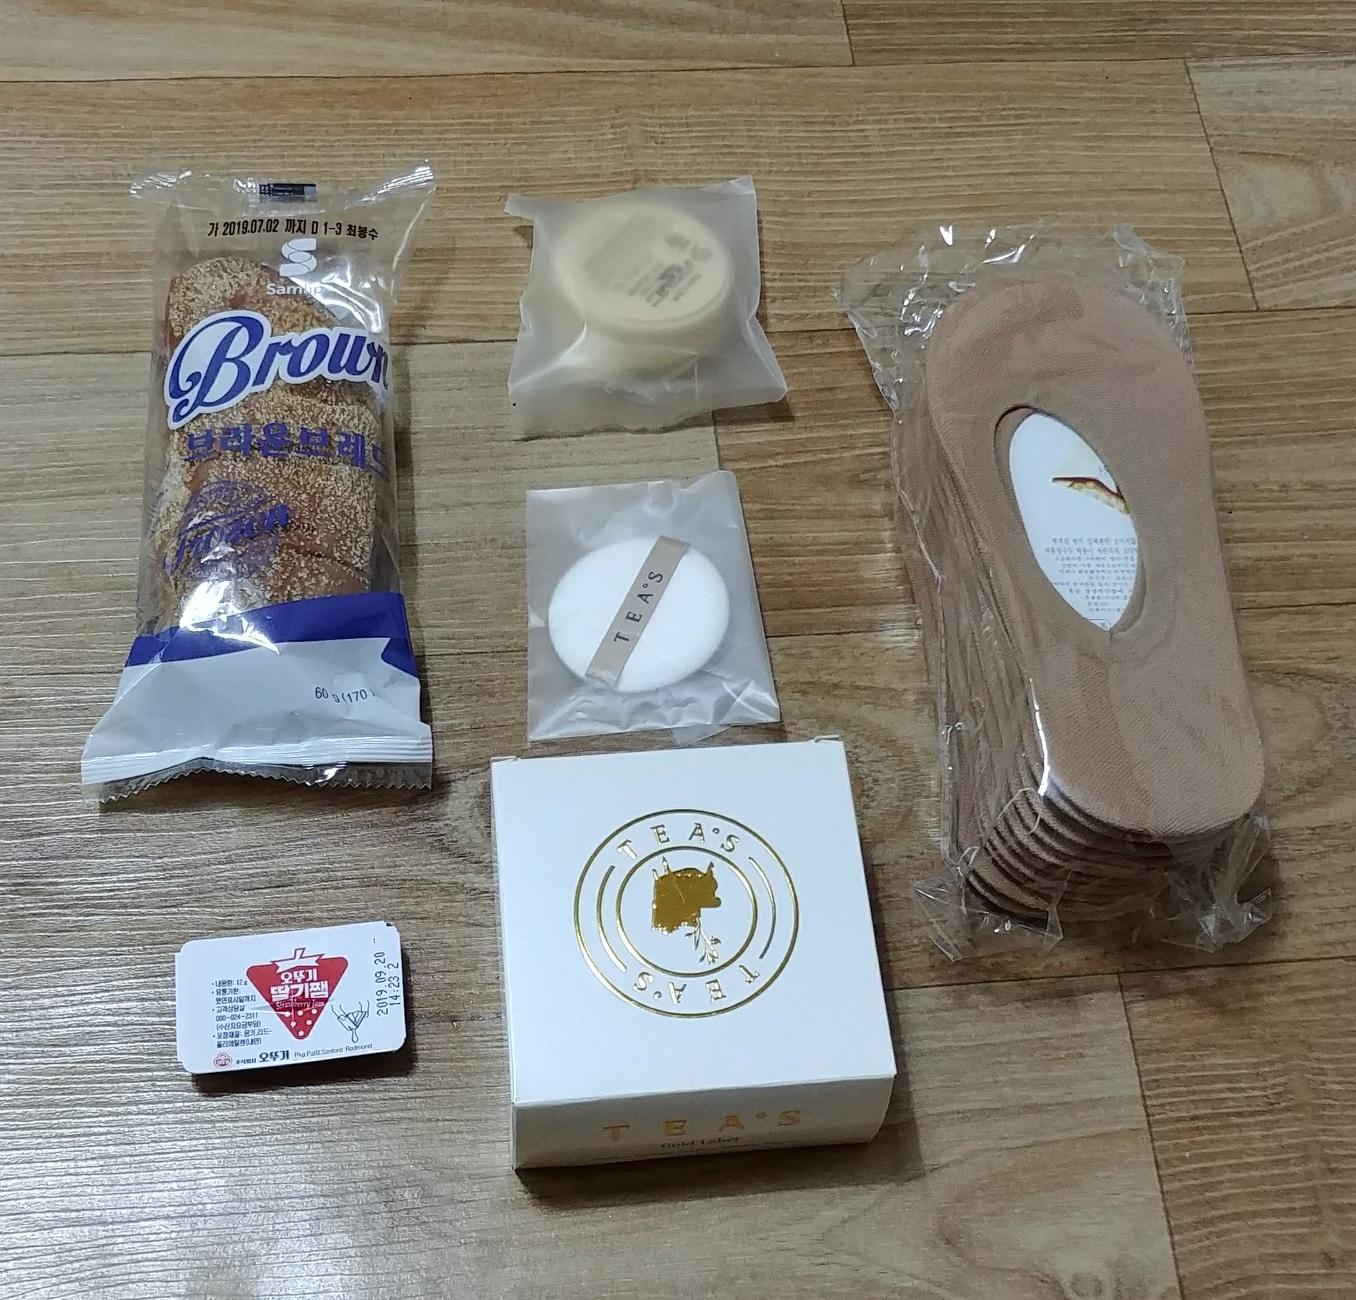 (전부새제품) 티스쿠션15g+덧신10켤레+부쉬맨빵